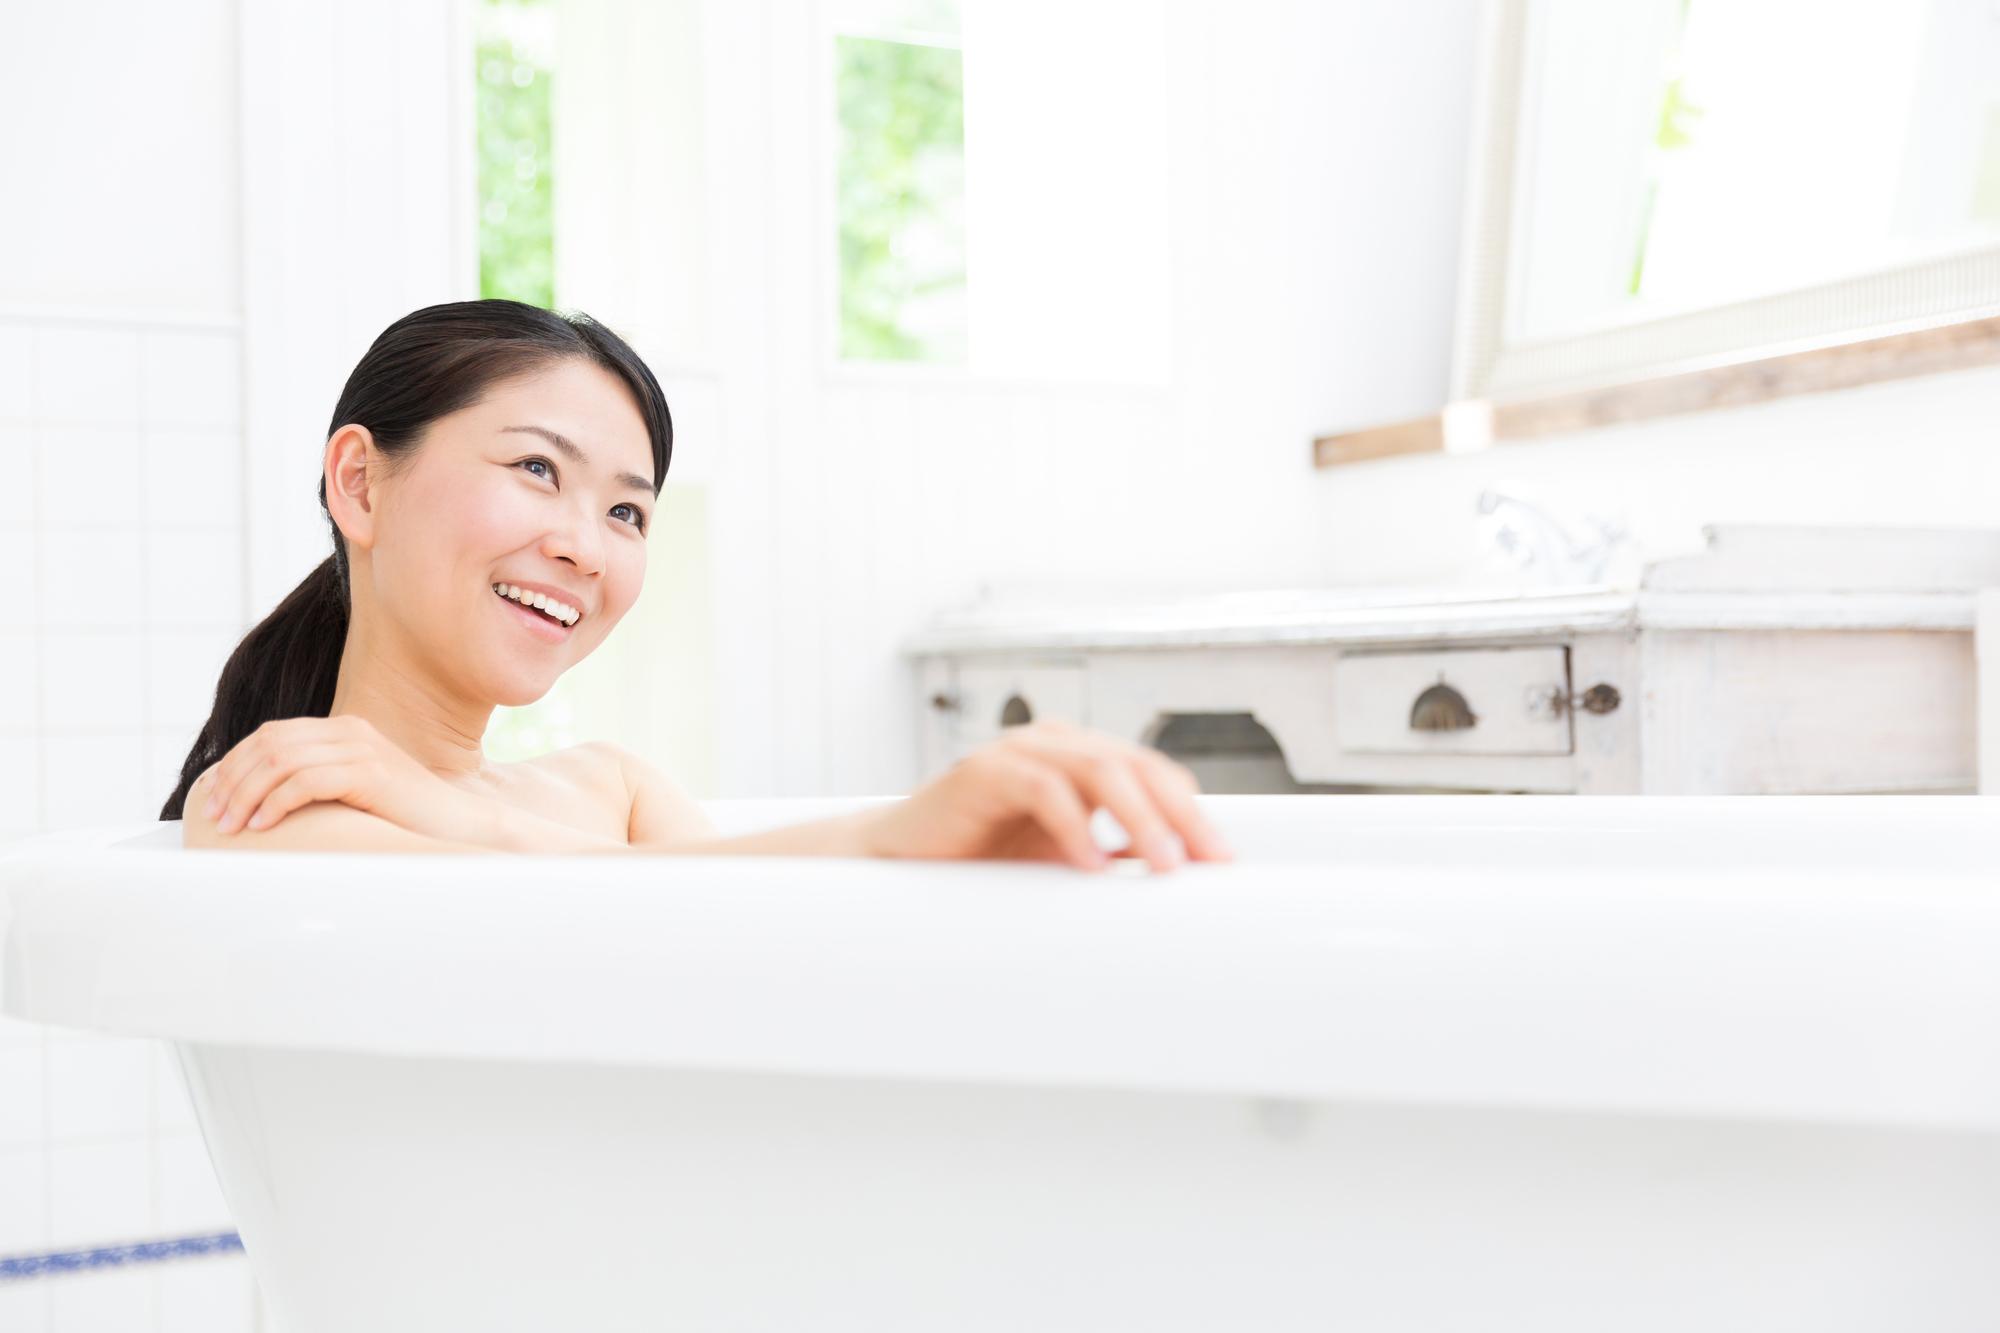 風邪、偏頭痛・・・そんな時はお風呂には入らない方がいい?